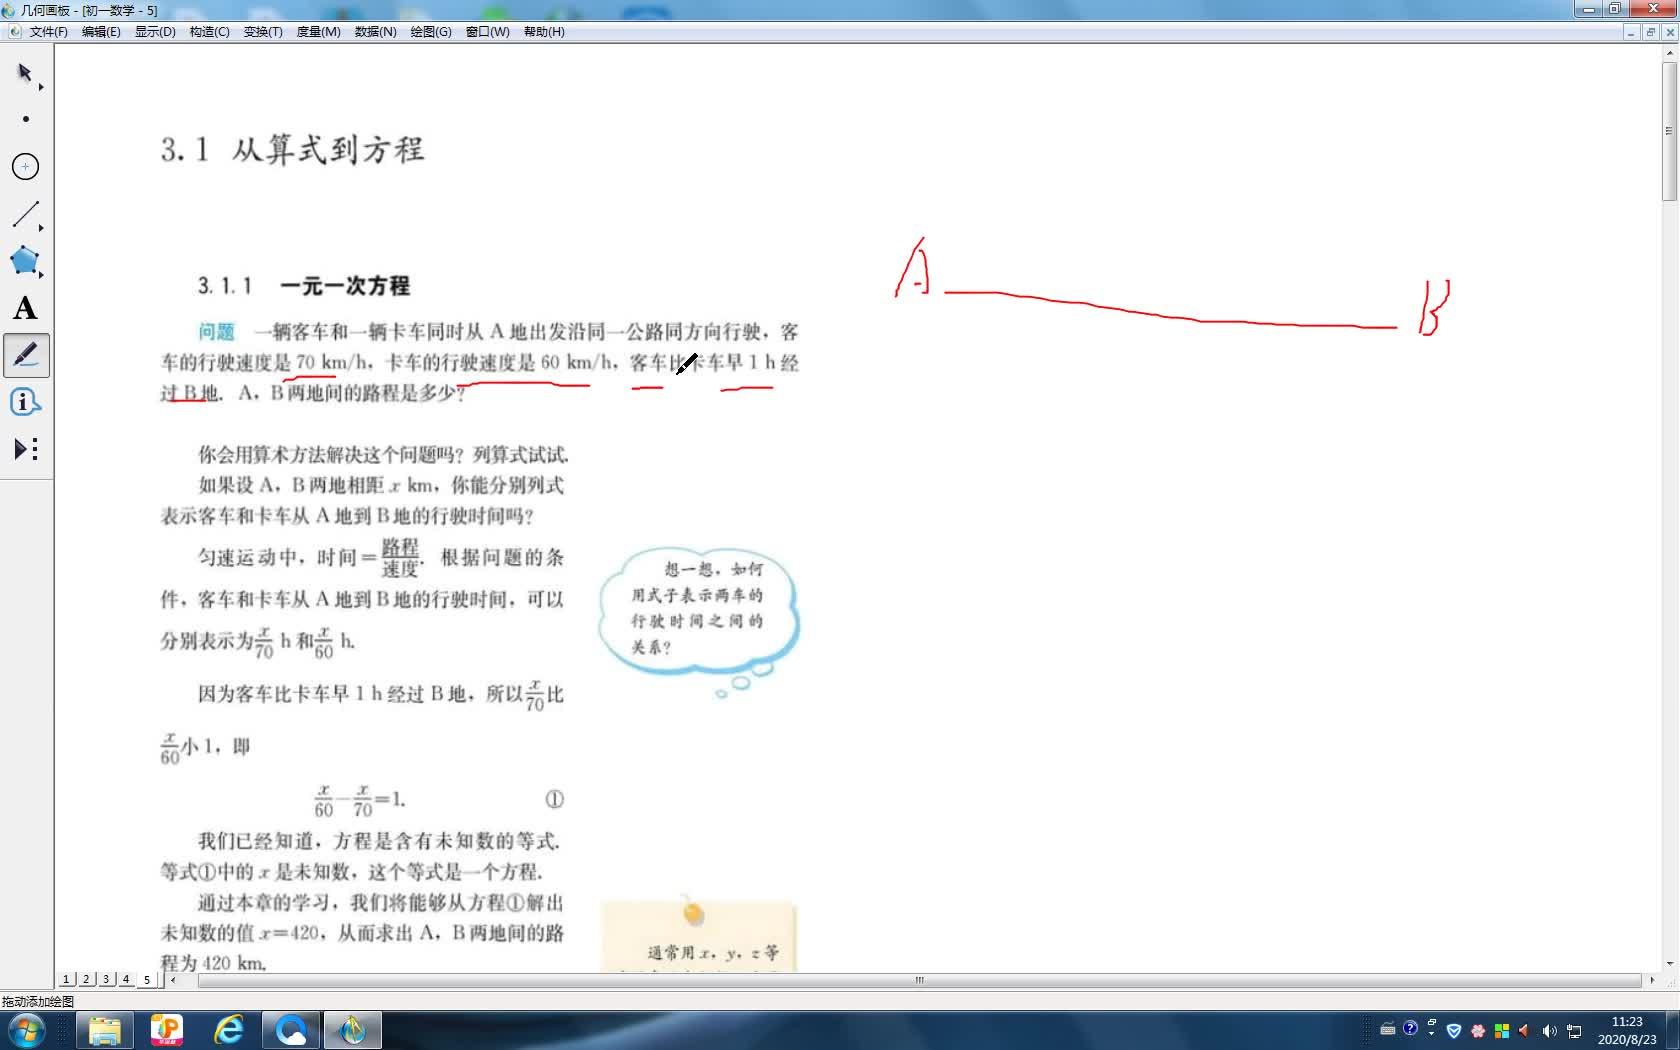 人教版七年级上册   3.1从算式到方程 视频讲解人教版七年级上册   3.1从算式到方程 视频讲解